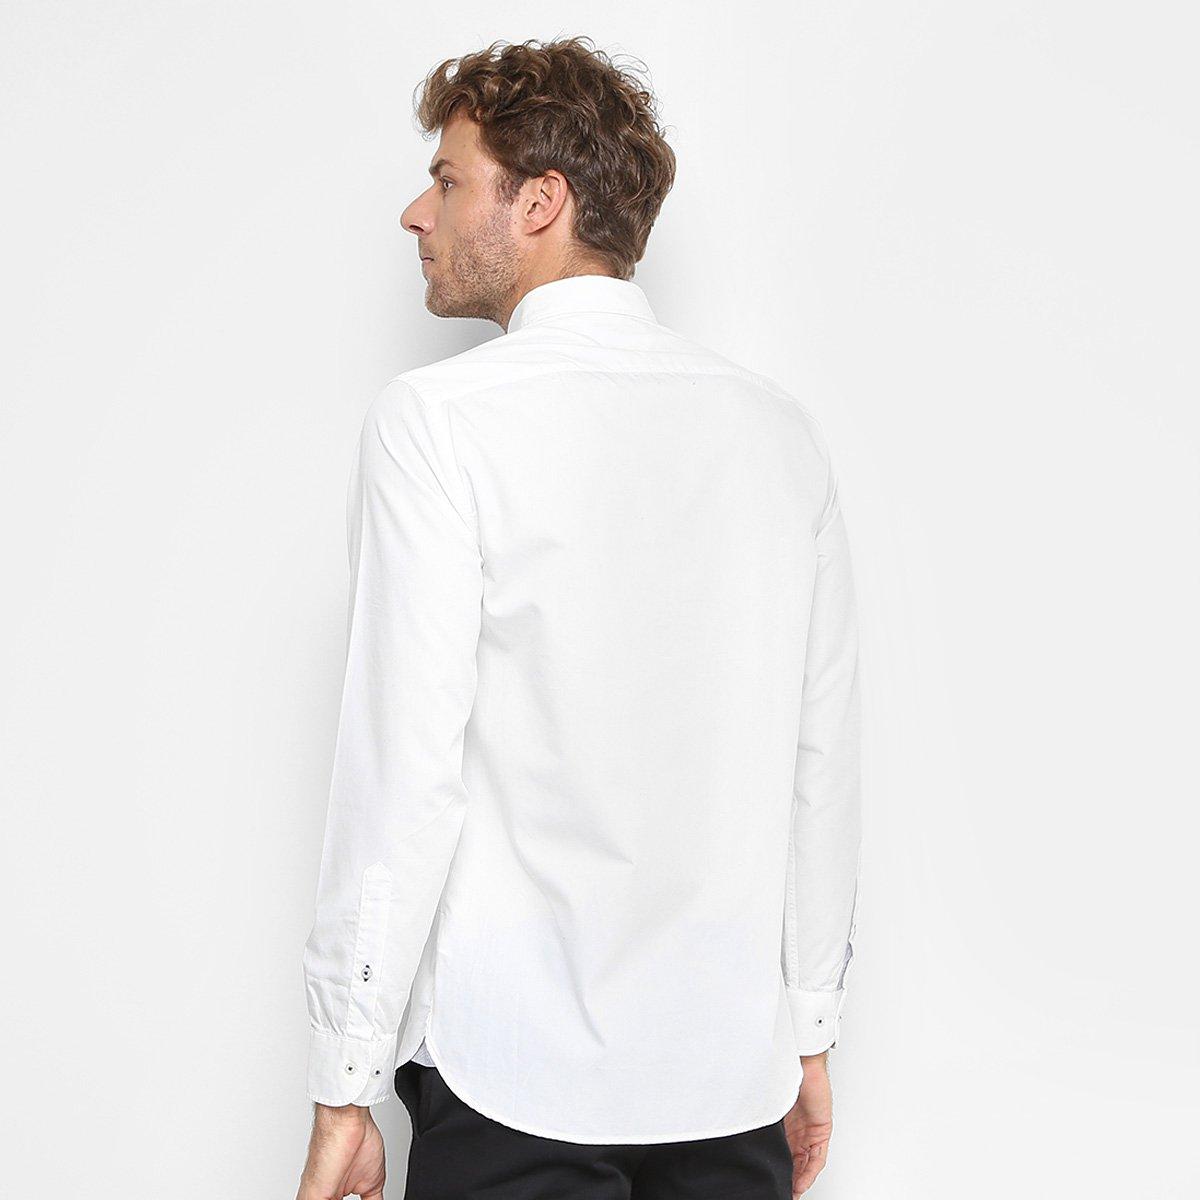 b6926c461a Camisa Tommy Hilfiger Regular Fit Clássica Masculina - Compre Agora ...